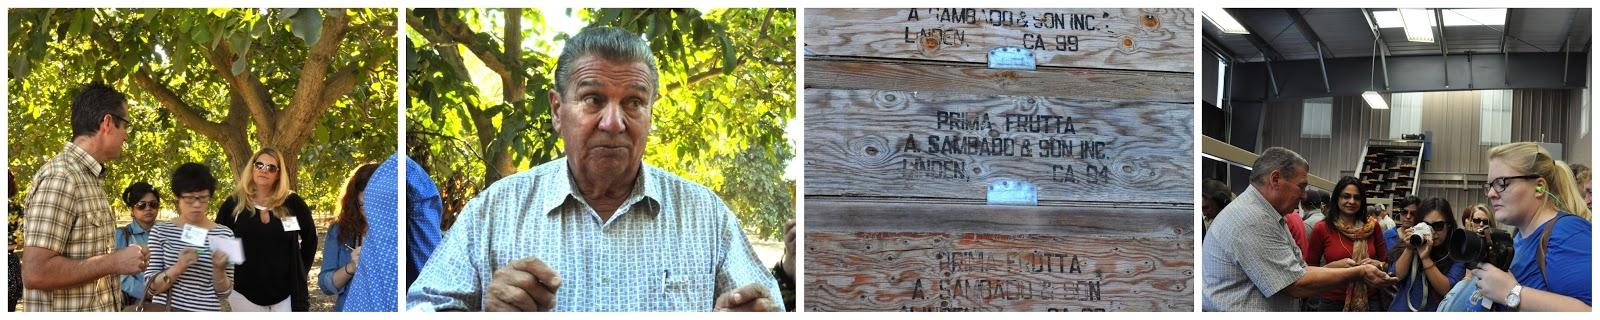 Walnussernte, Linden - Kalifornien bei Primanoce